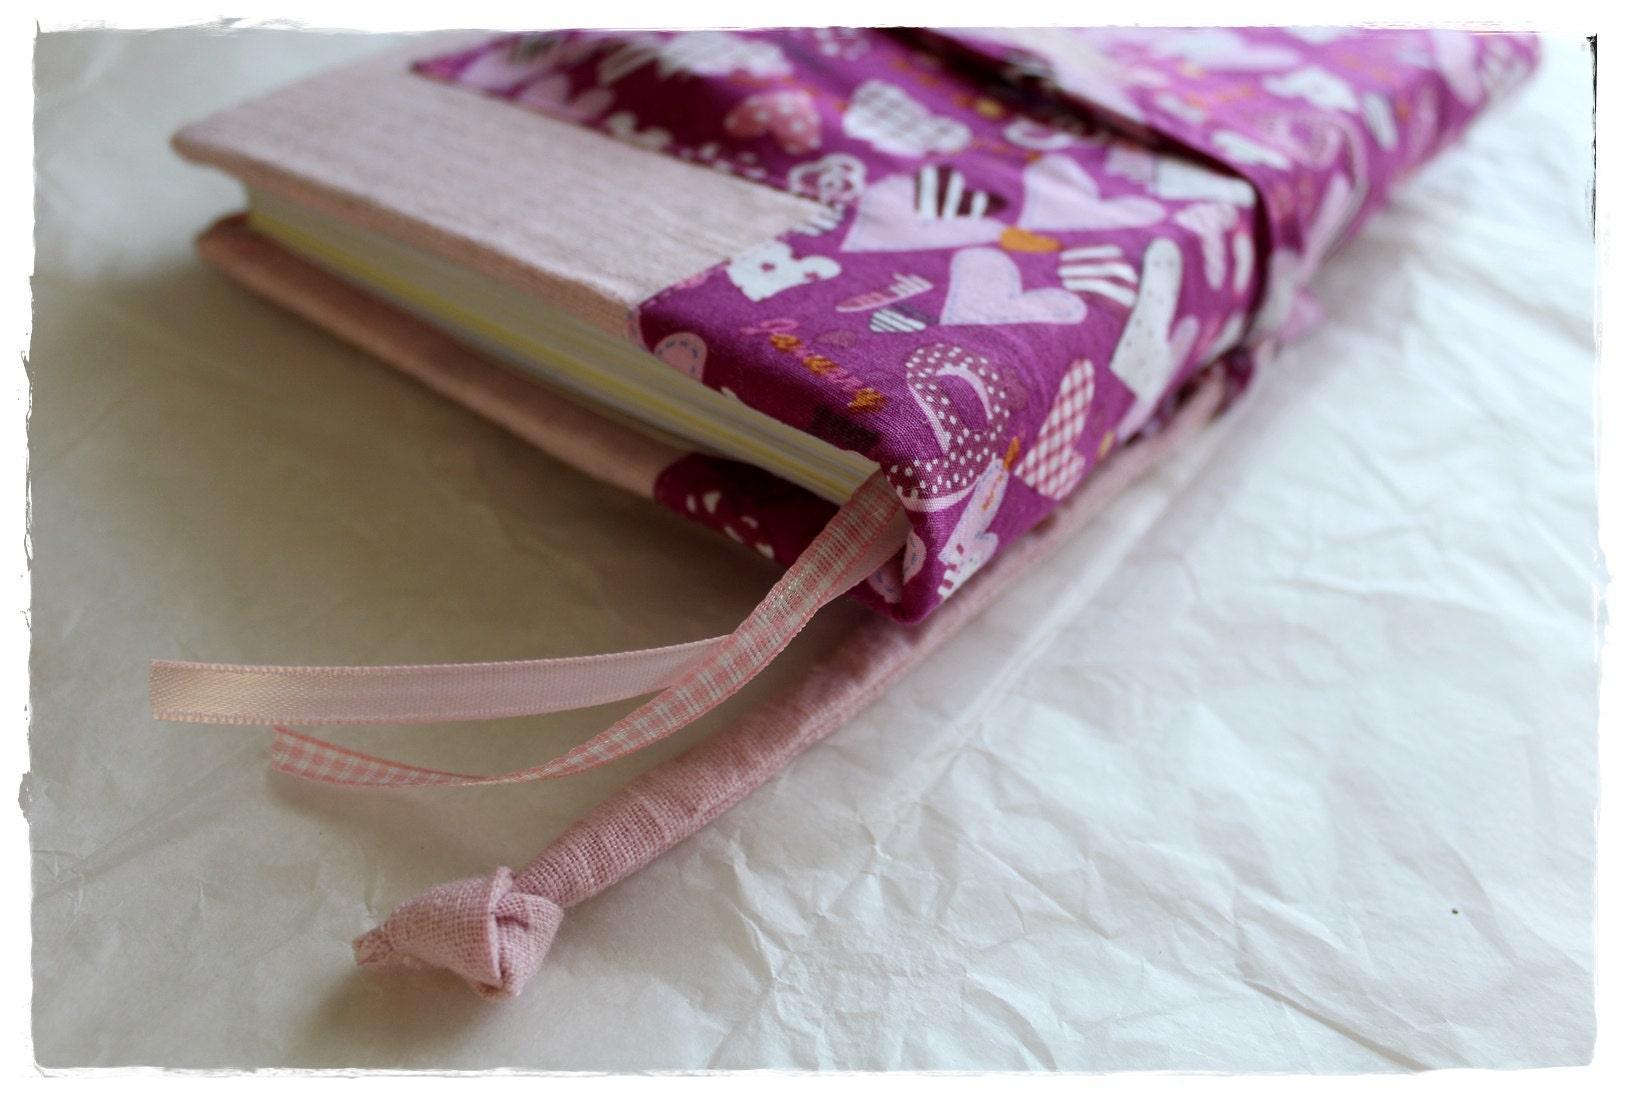 carnet artisanal pour bullet journal - Handmade notebook for your bullet agenda